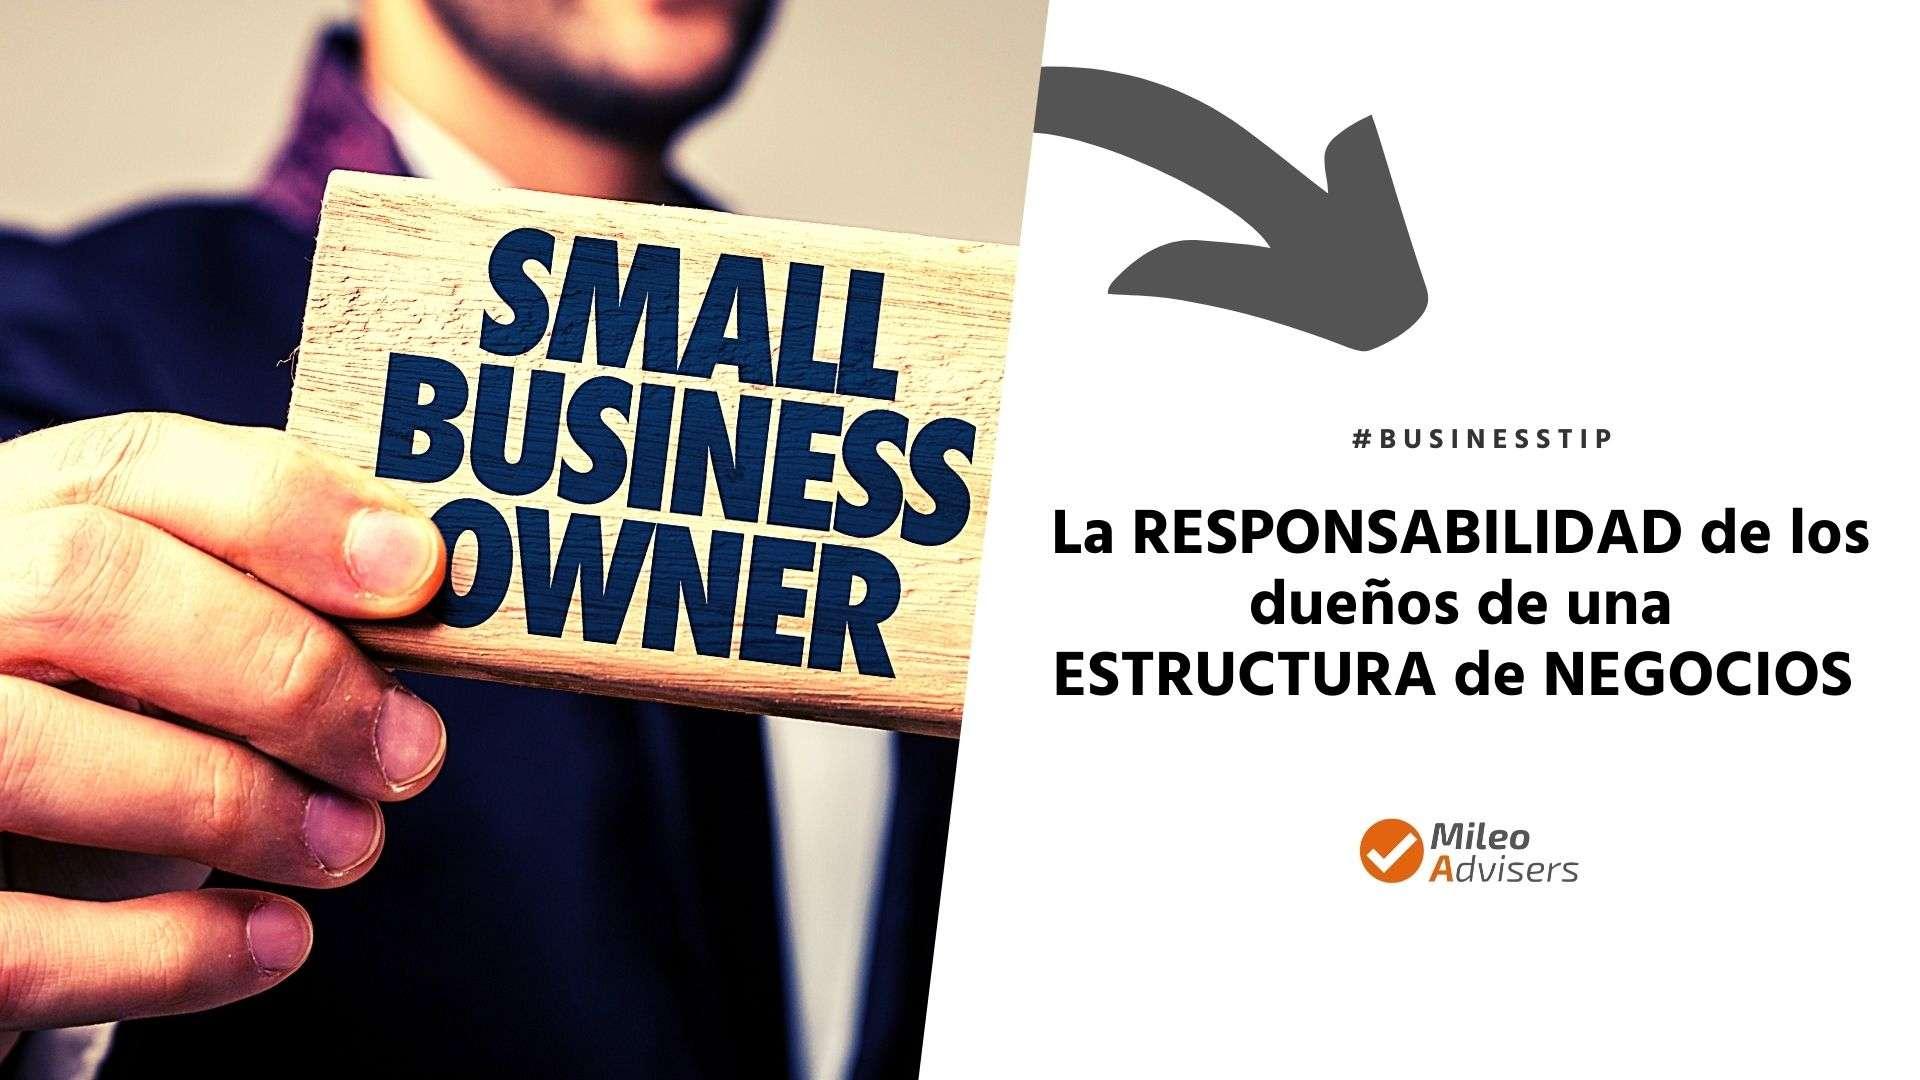 responsabilidad de los dueños de una estructura de negocios